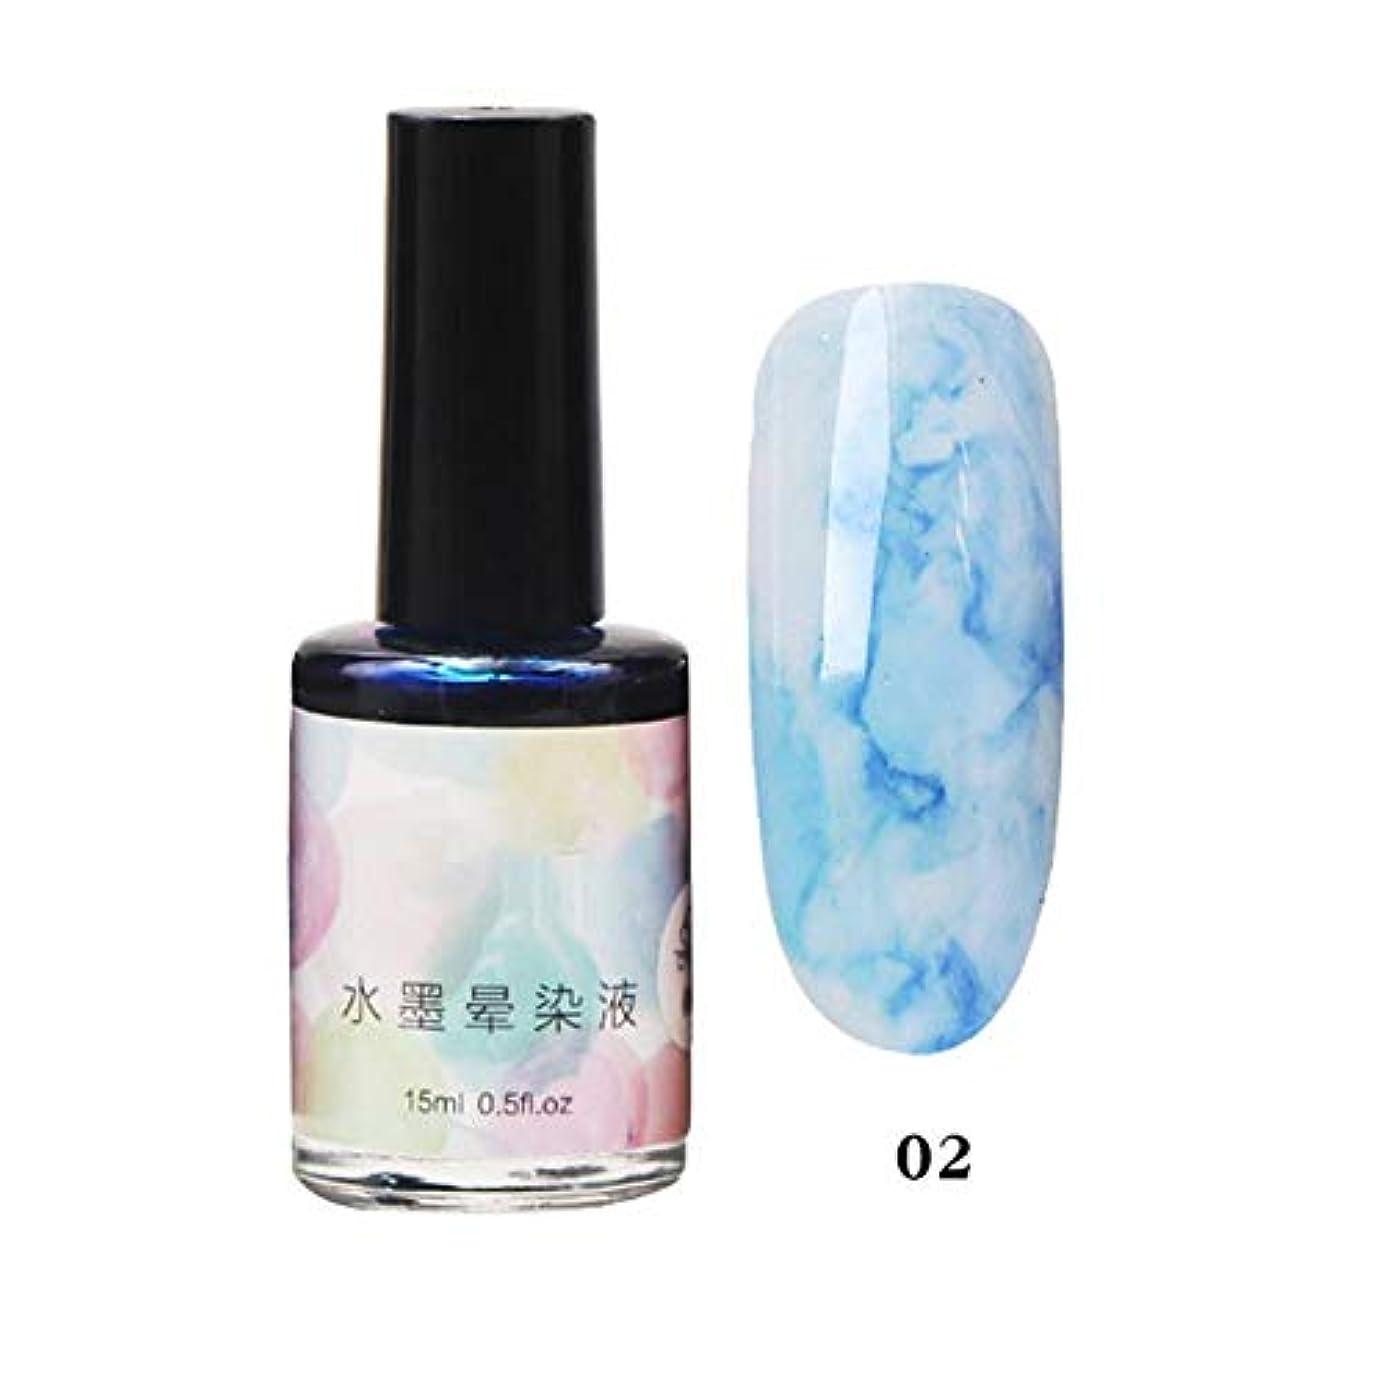 スリチンモイトーク小さな11色選べる ネイルポリッシュ マニキュア ネイルアート 美しい 水墨柄 ネイルカラー 液体 爪に塗って乾かす 初心者でも簡単に使用できる junexi